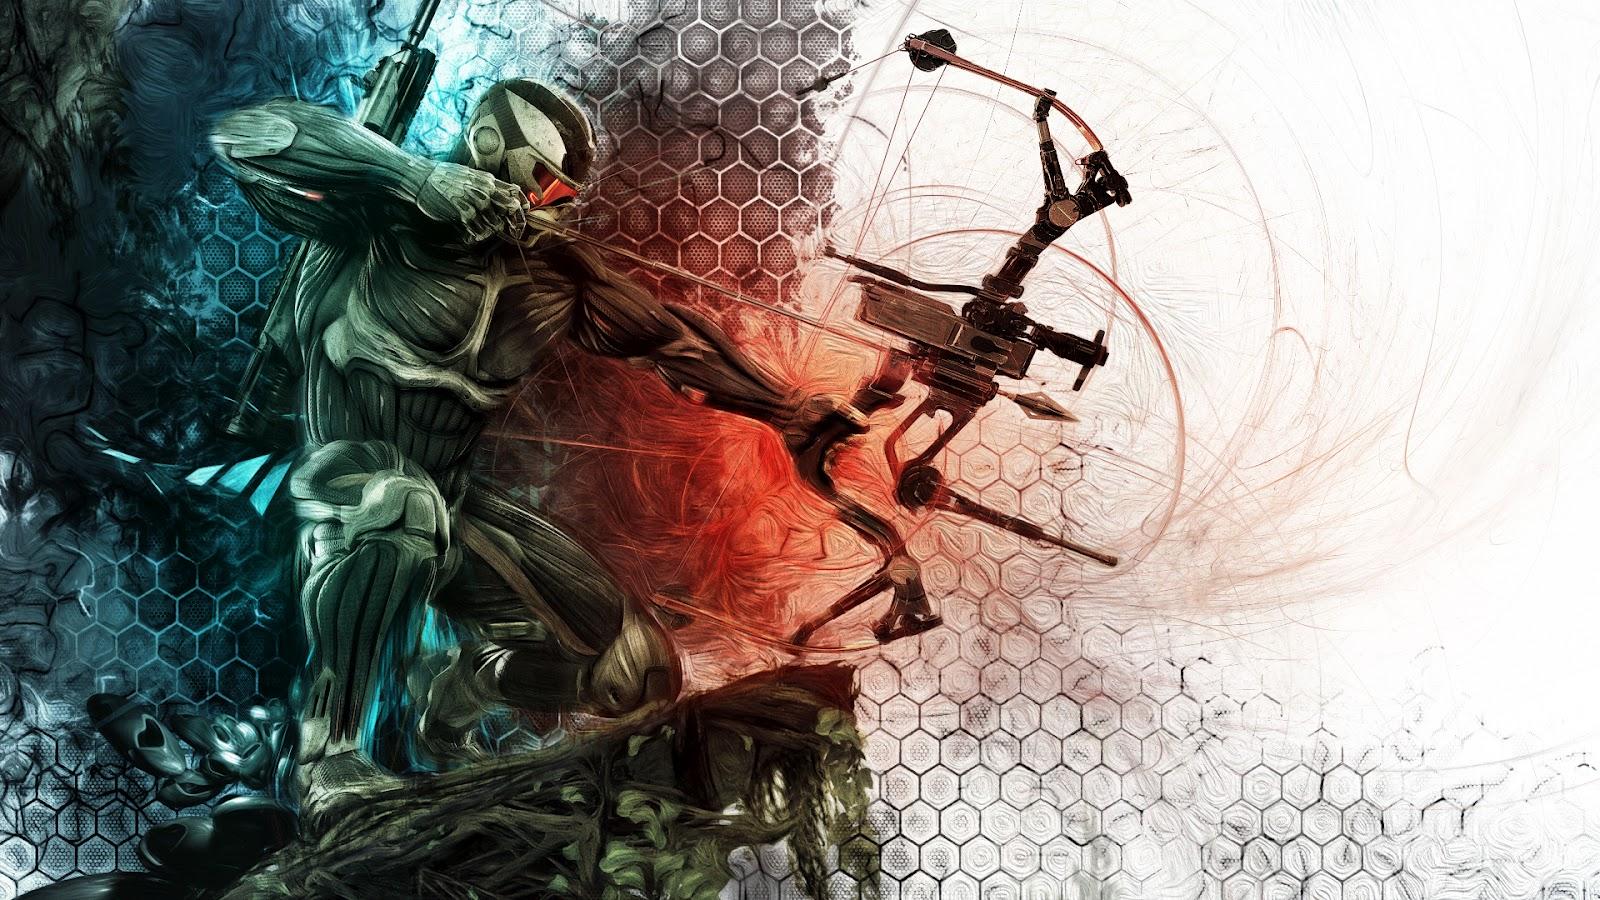 http://3.bp.blogspot.com/-Re214xZNNzk/UER5sCT_O-I/AAAAAAAAAmw/j0WKeIxcWWM/s1600/crysis_3___predator_wallpaper+PiCsHoliC.blogspot.com.jpg